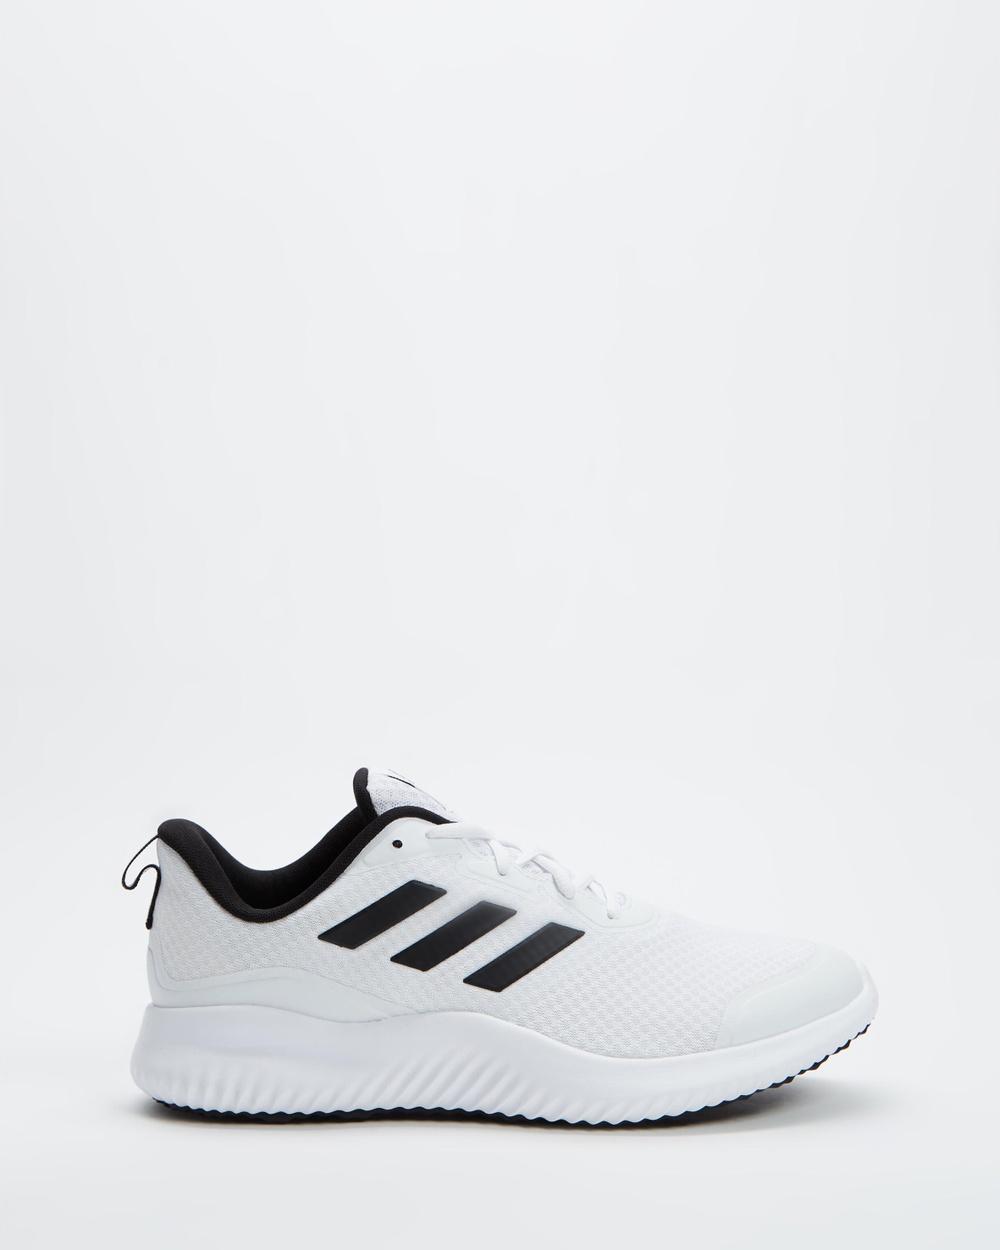 adidas Performance Alphabounce TD Men's Shoes Cloud White, Core Black & Cloud White